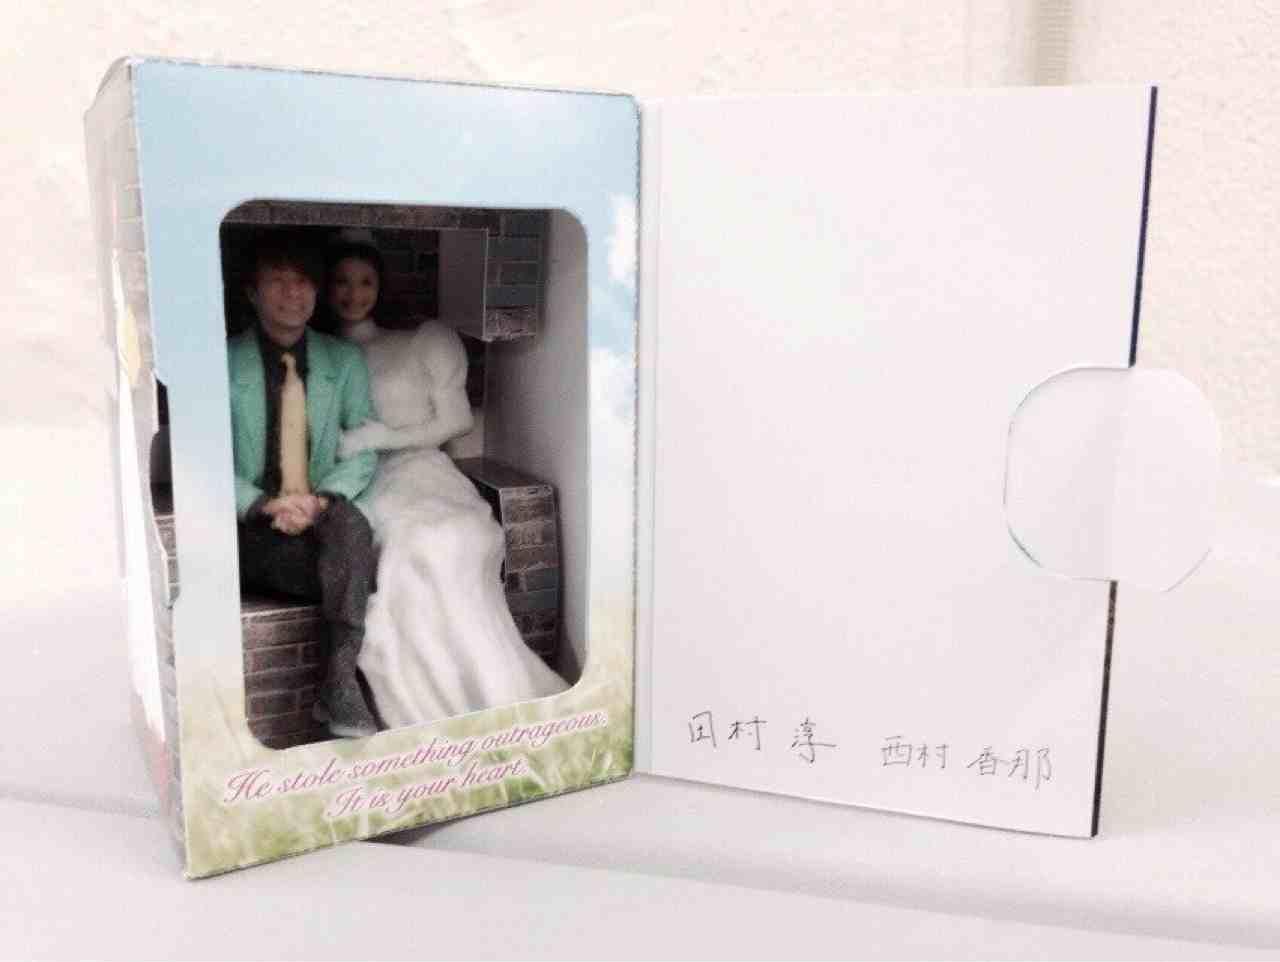 田村淳の結婚式の引き出物がヒドイと話題にwww